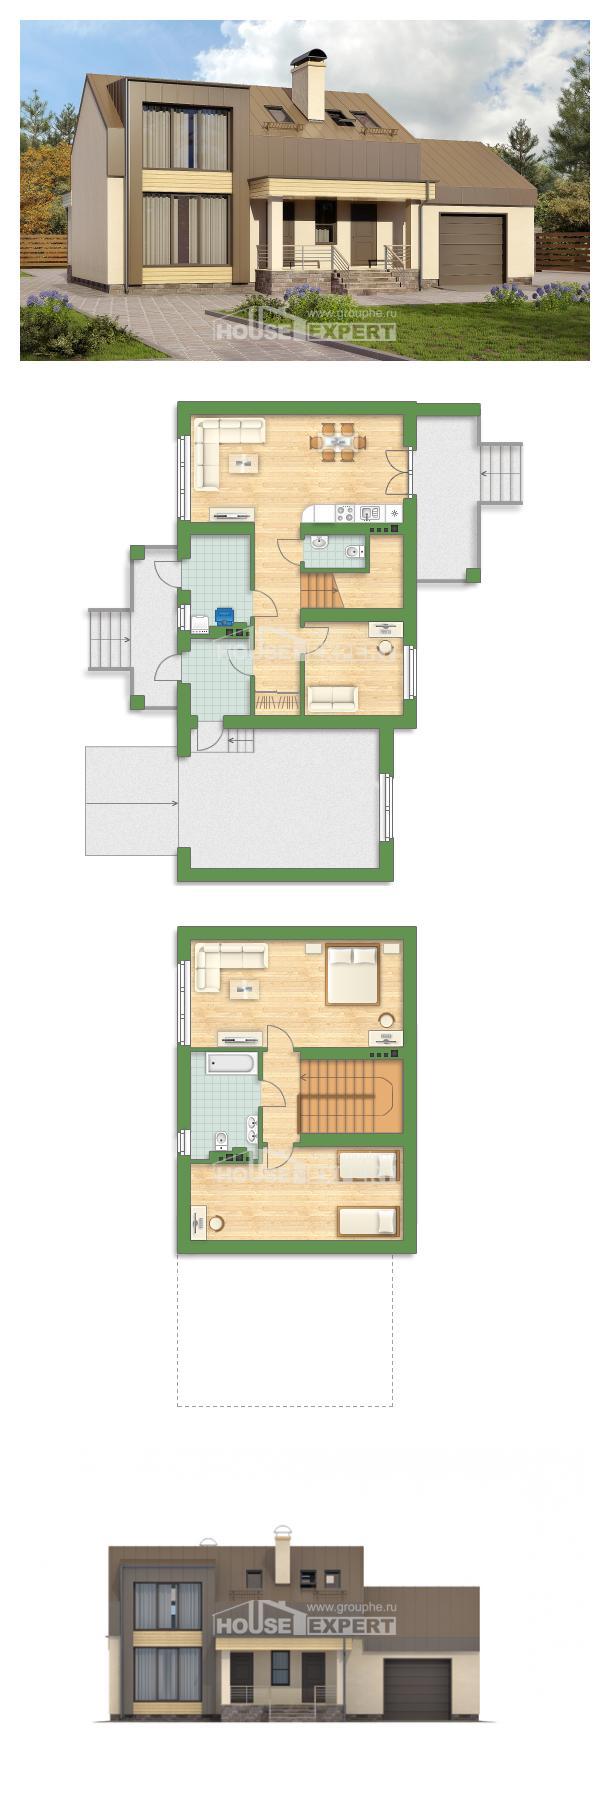 Plan 150-015-L | House Expert